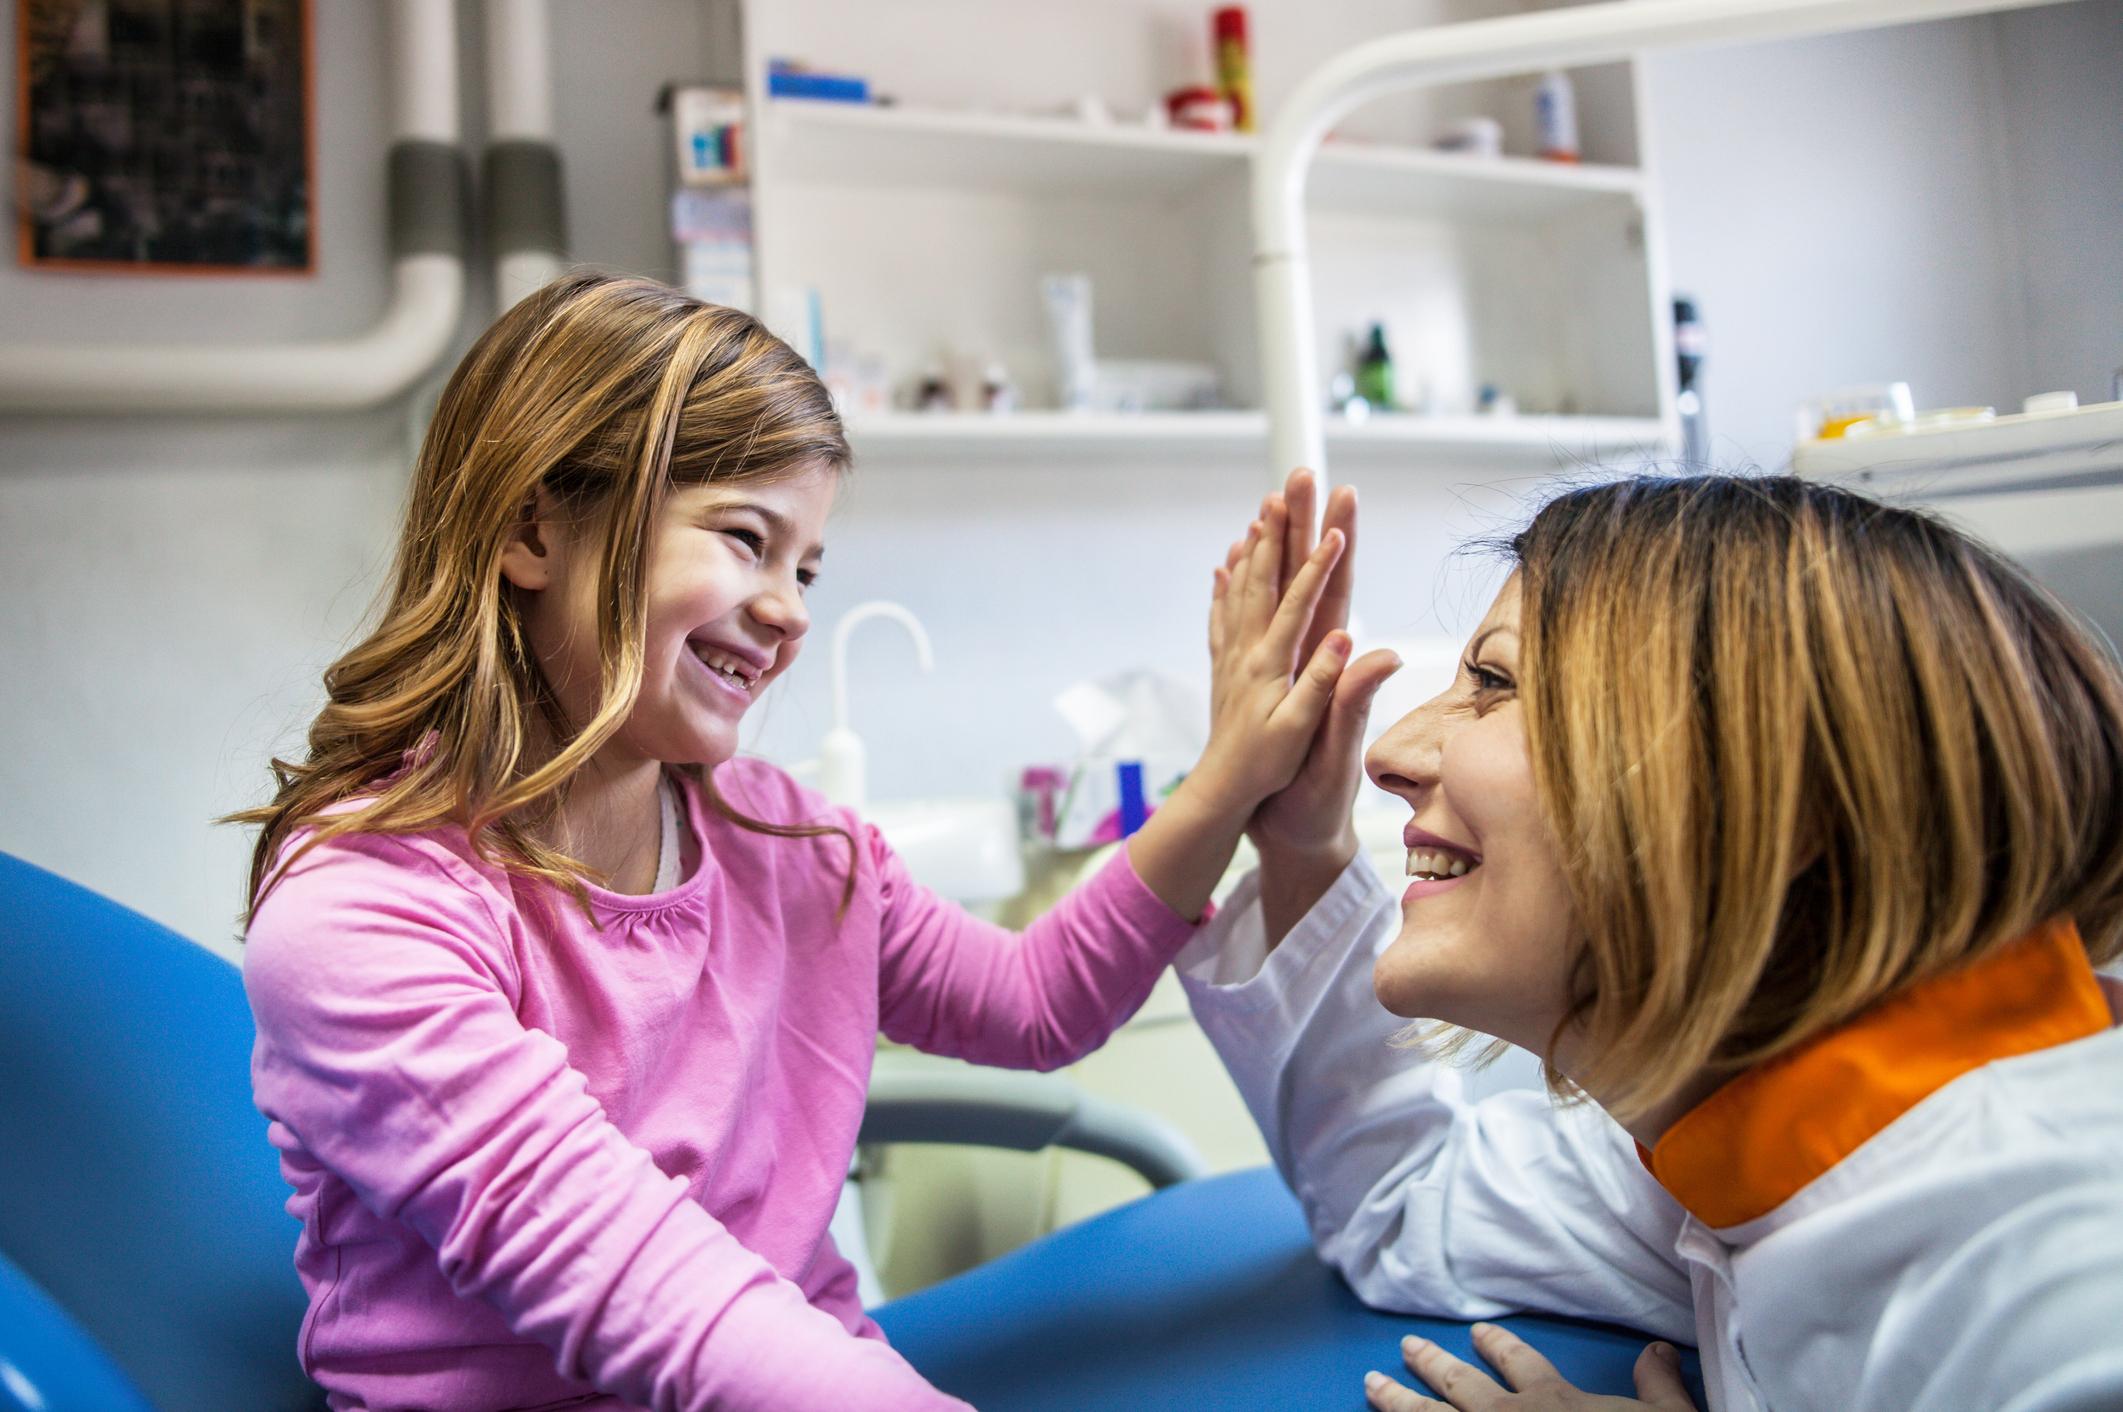 Enfant qui sourit et tape dans la main d'un docteur.